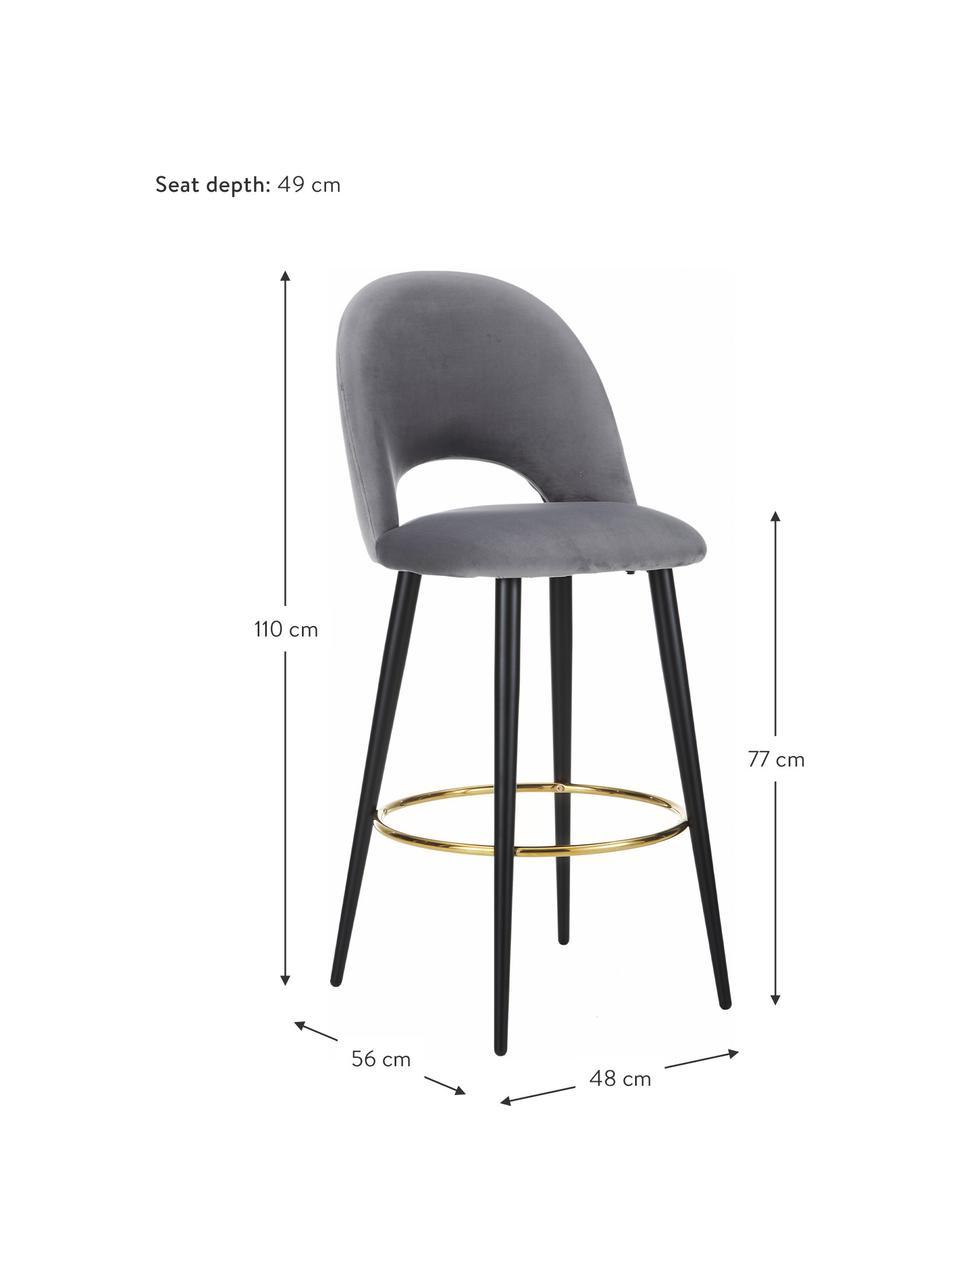 Krzesło barowe z aksamitu Rachel, Tapicerka: aksamit (wysokiej jakości, Nogi: metal malowany proszkowo, Aksamitny stalowoszary, S 48 x W 110 cm